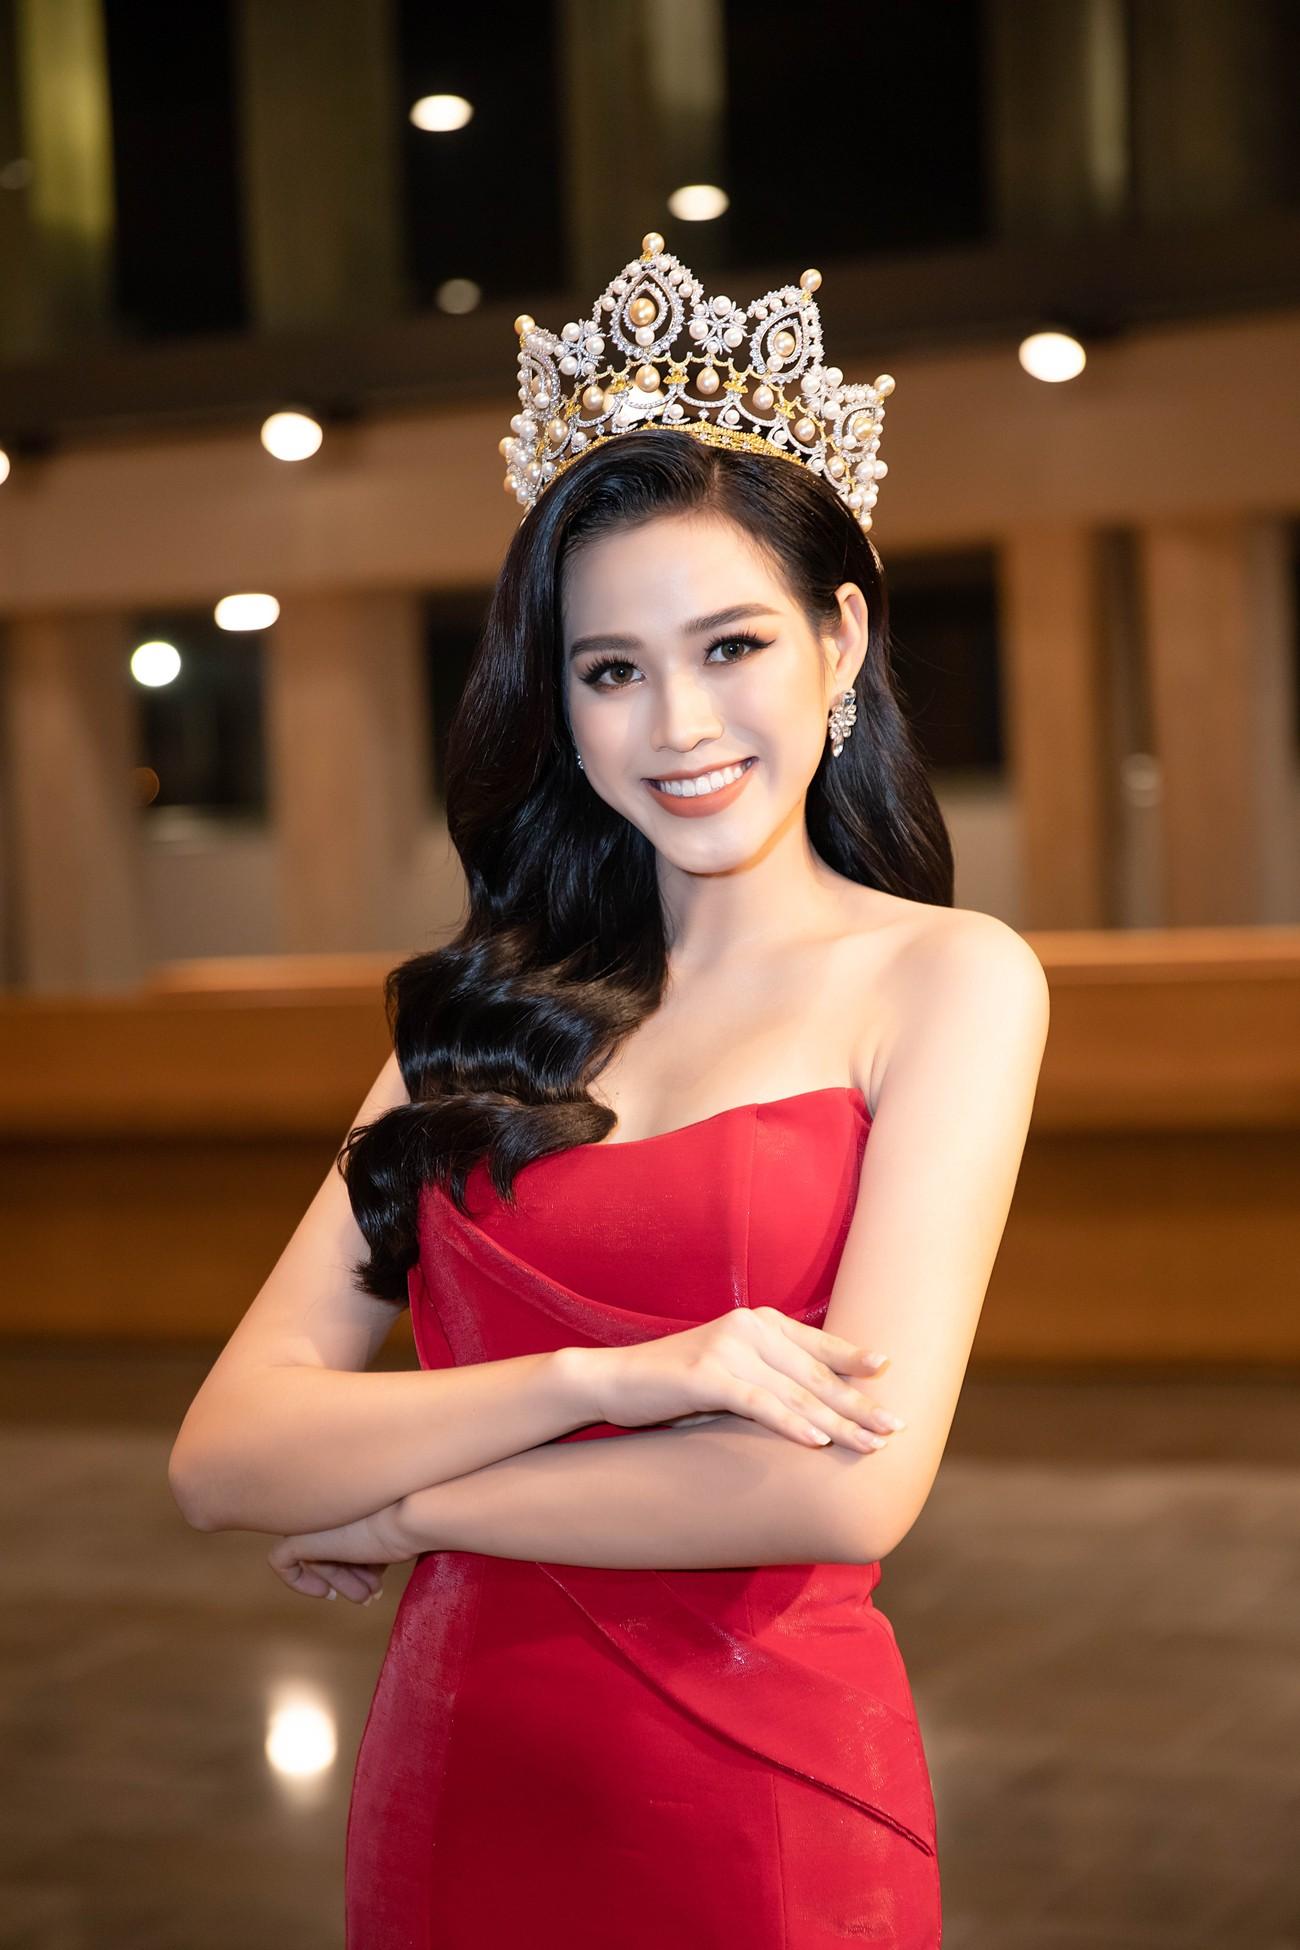 'Đụng' váy xẻ táo bạo với đàn chị Đỗ Mỹ Linh, Hoa hậu Đỗ Thị Hà thần thái rạng ngời ảnh 3